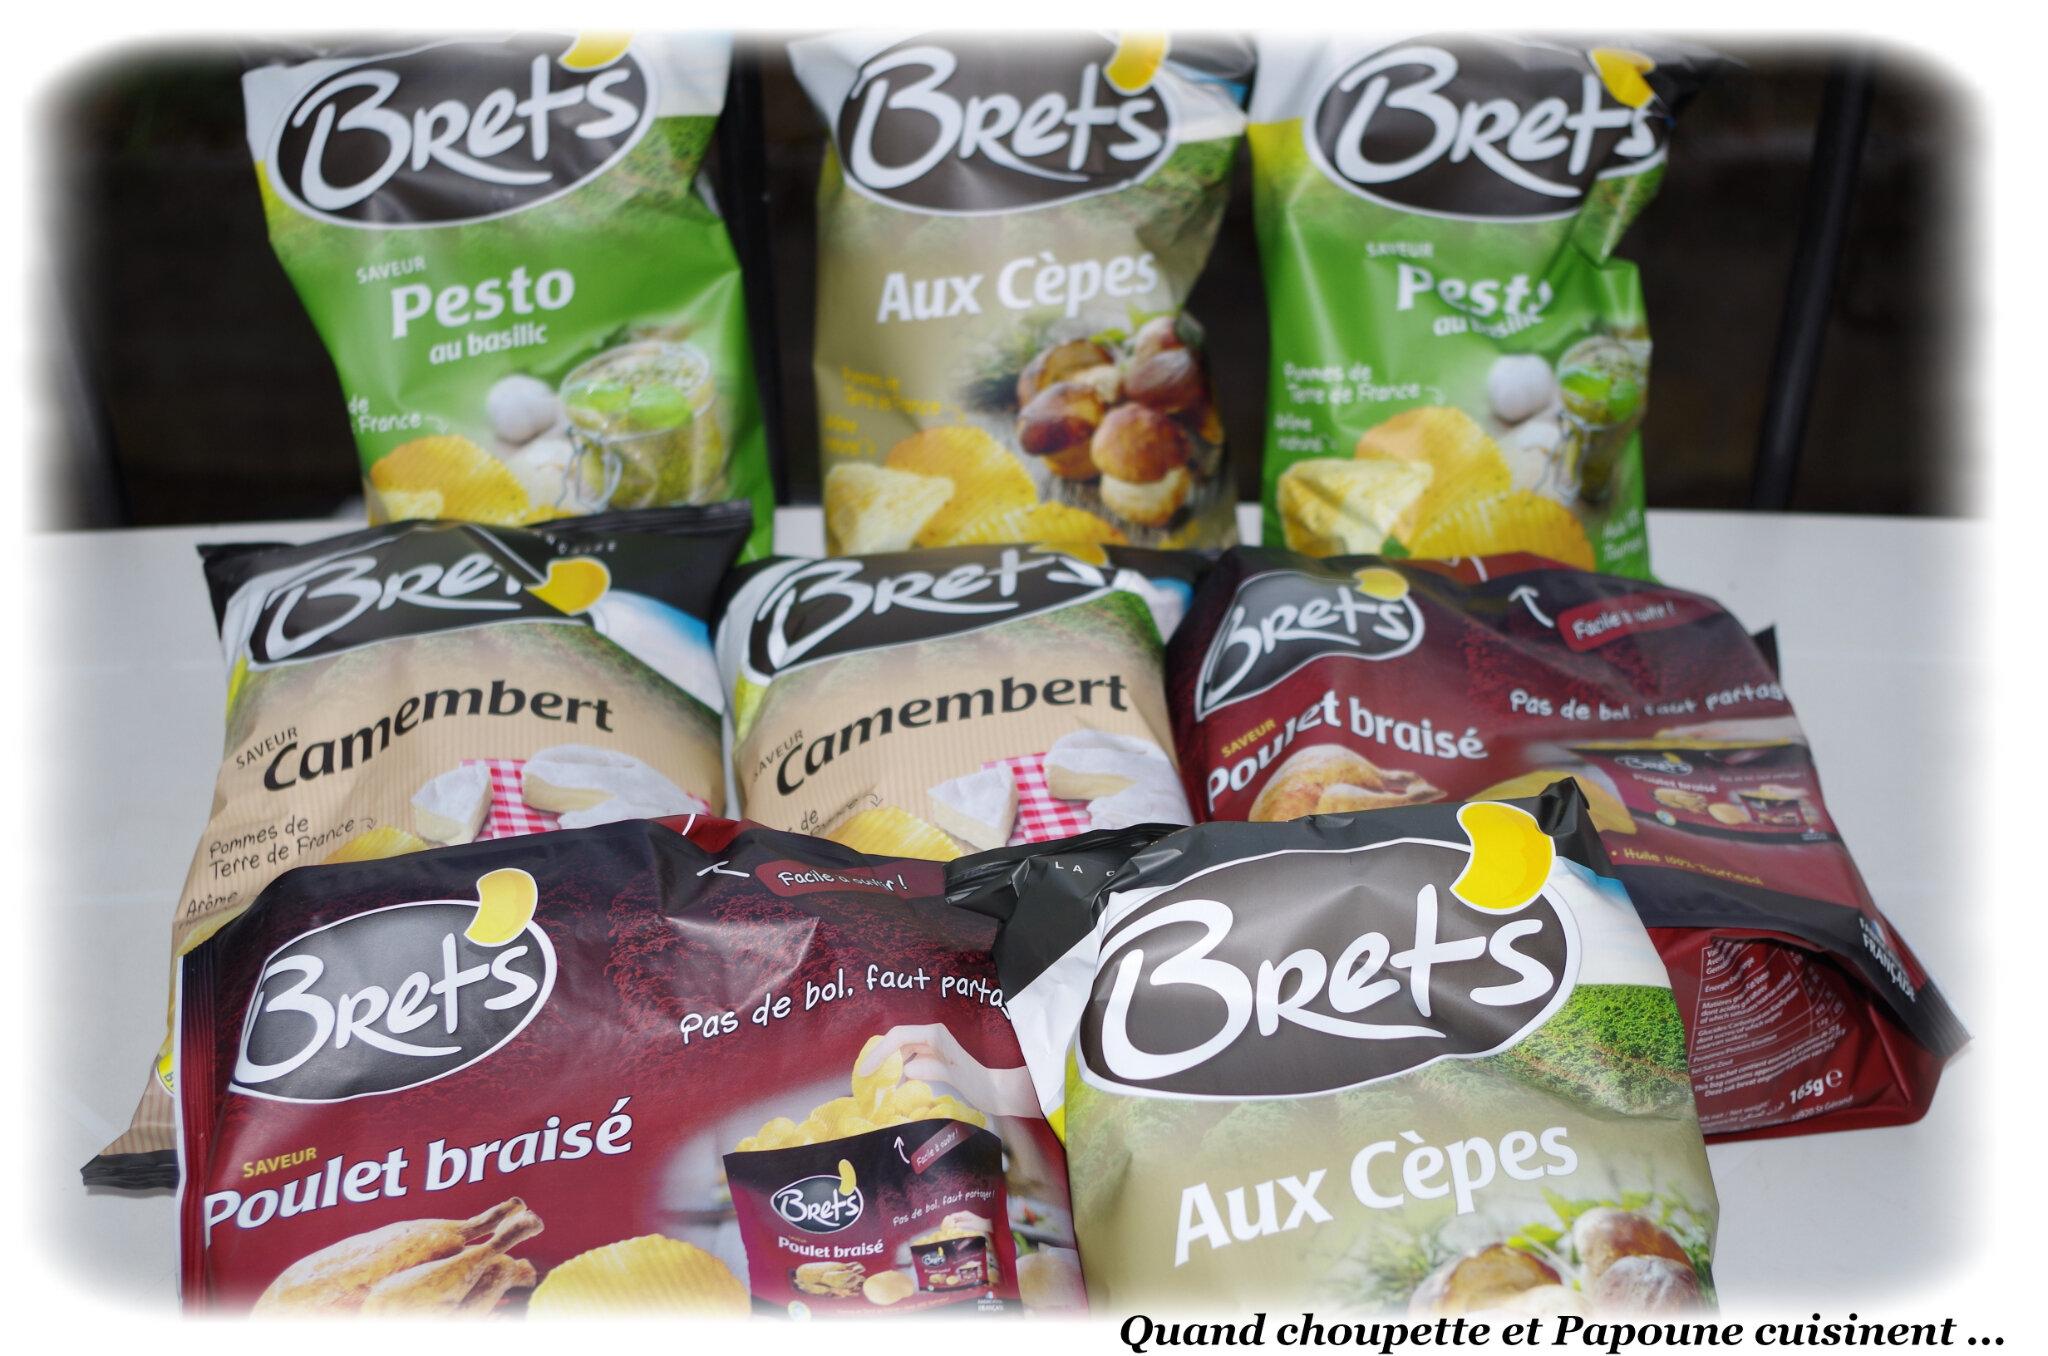 ENCORE UN COLIS CETTE SEMAINE : LES CHIPS BRET'S